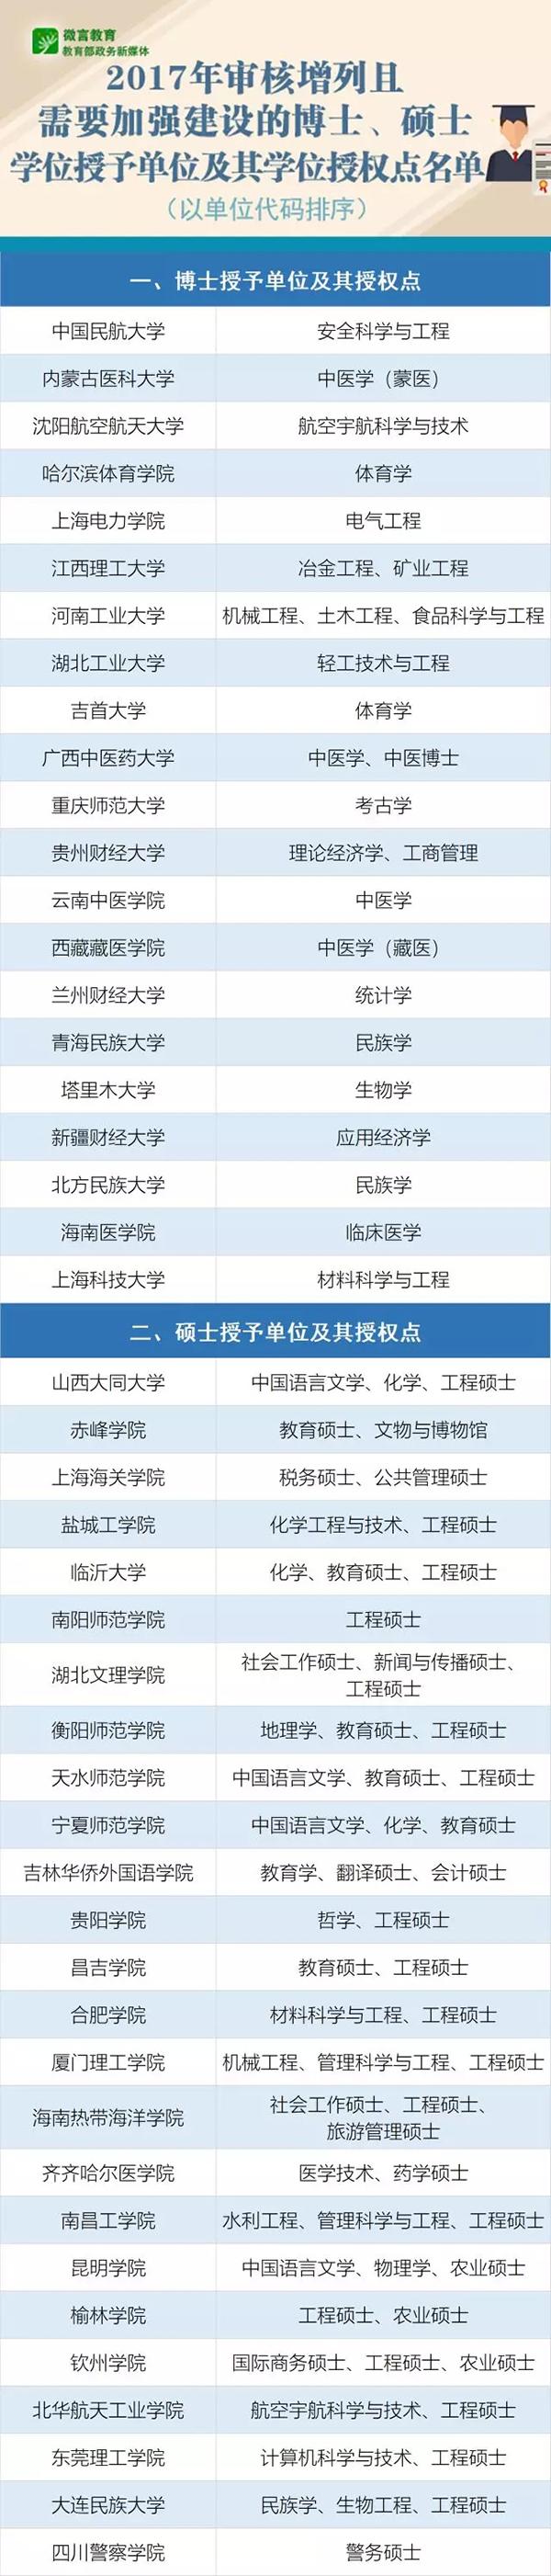 2017年新增博士、硕士学位授权点名单公布